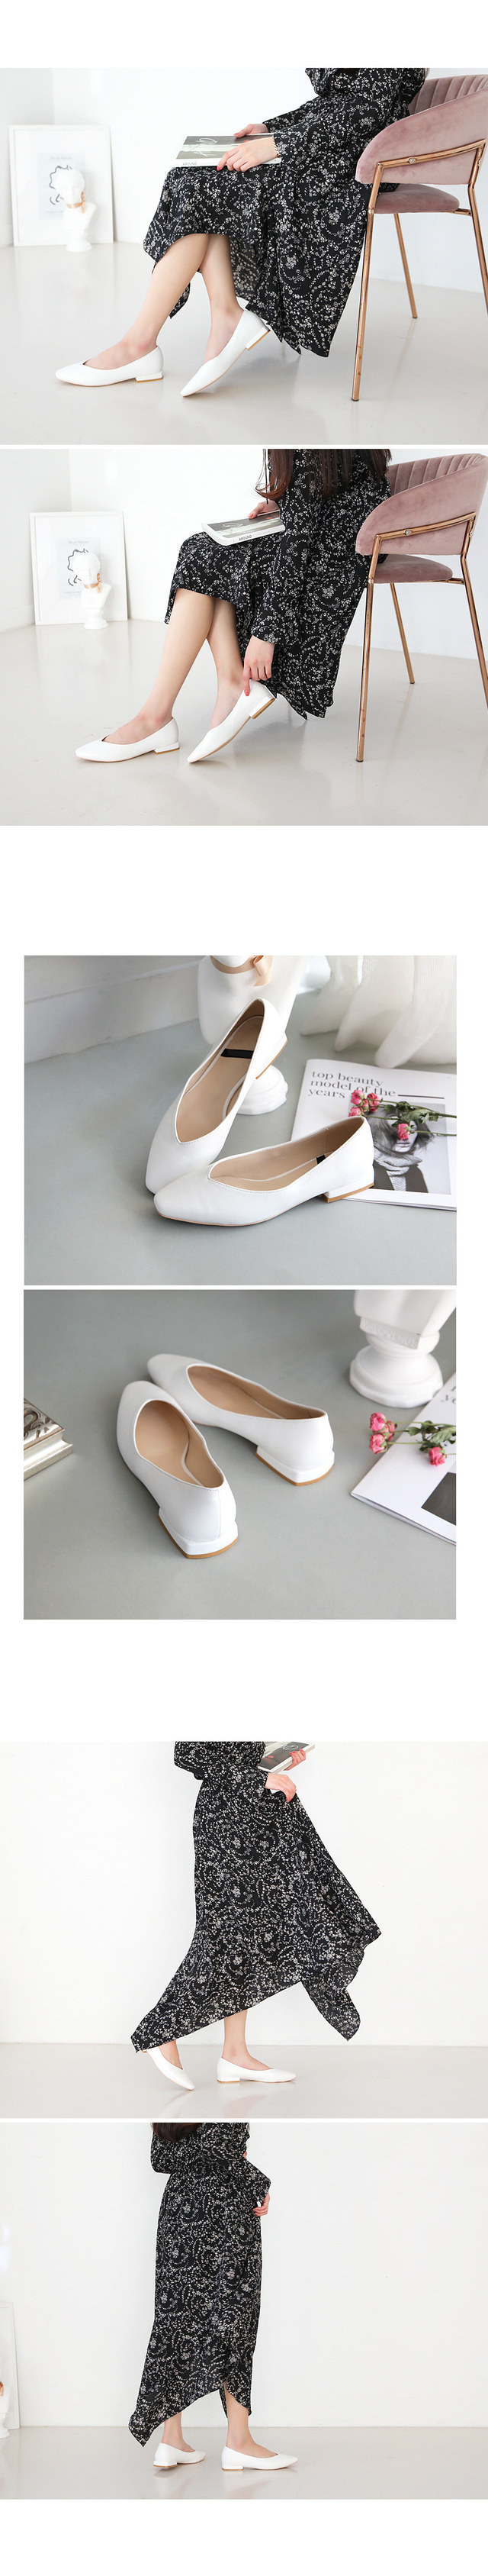 Moffa Flat Shoes 2cm